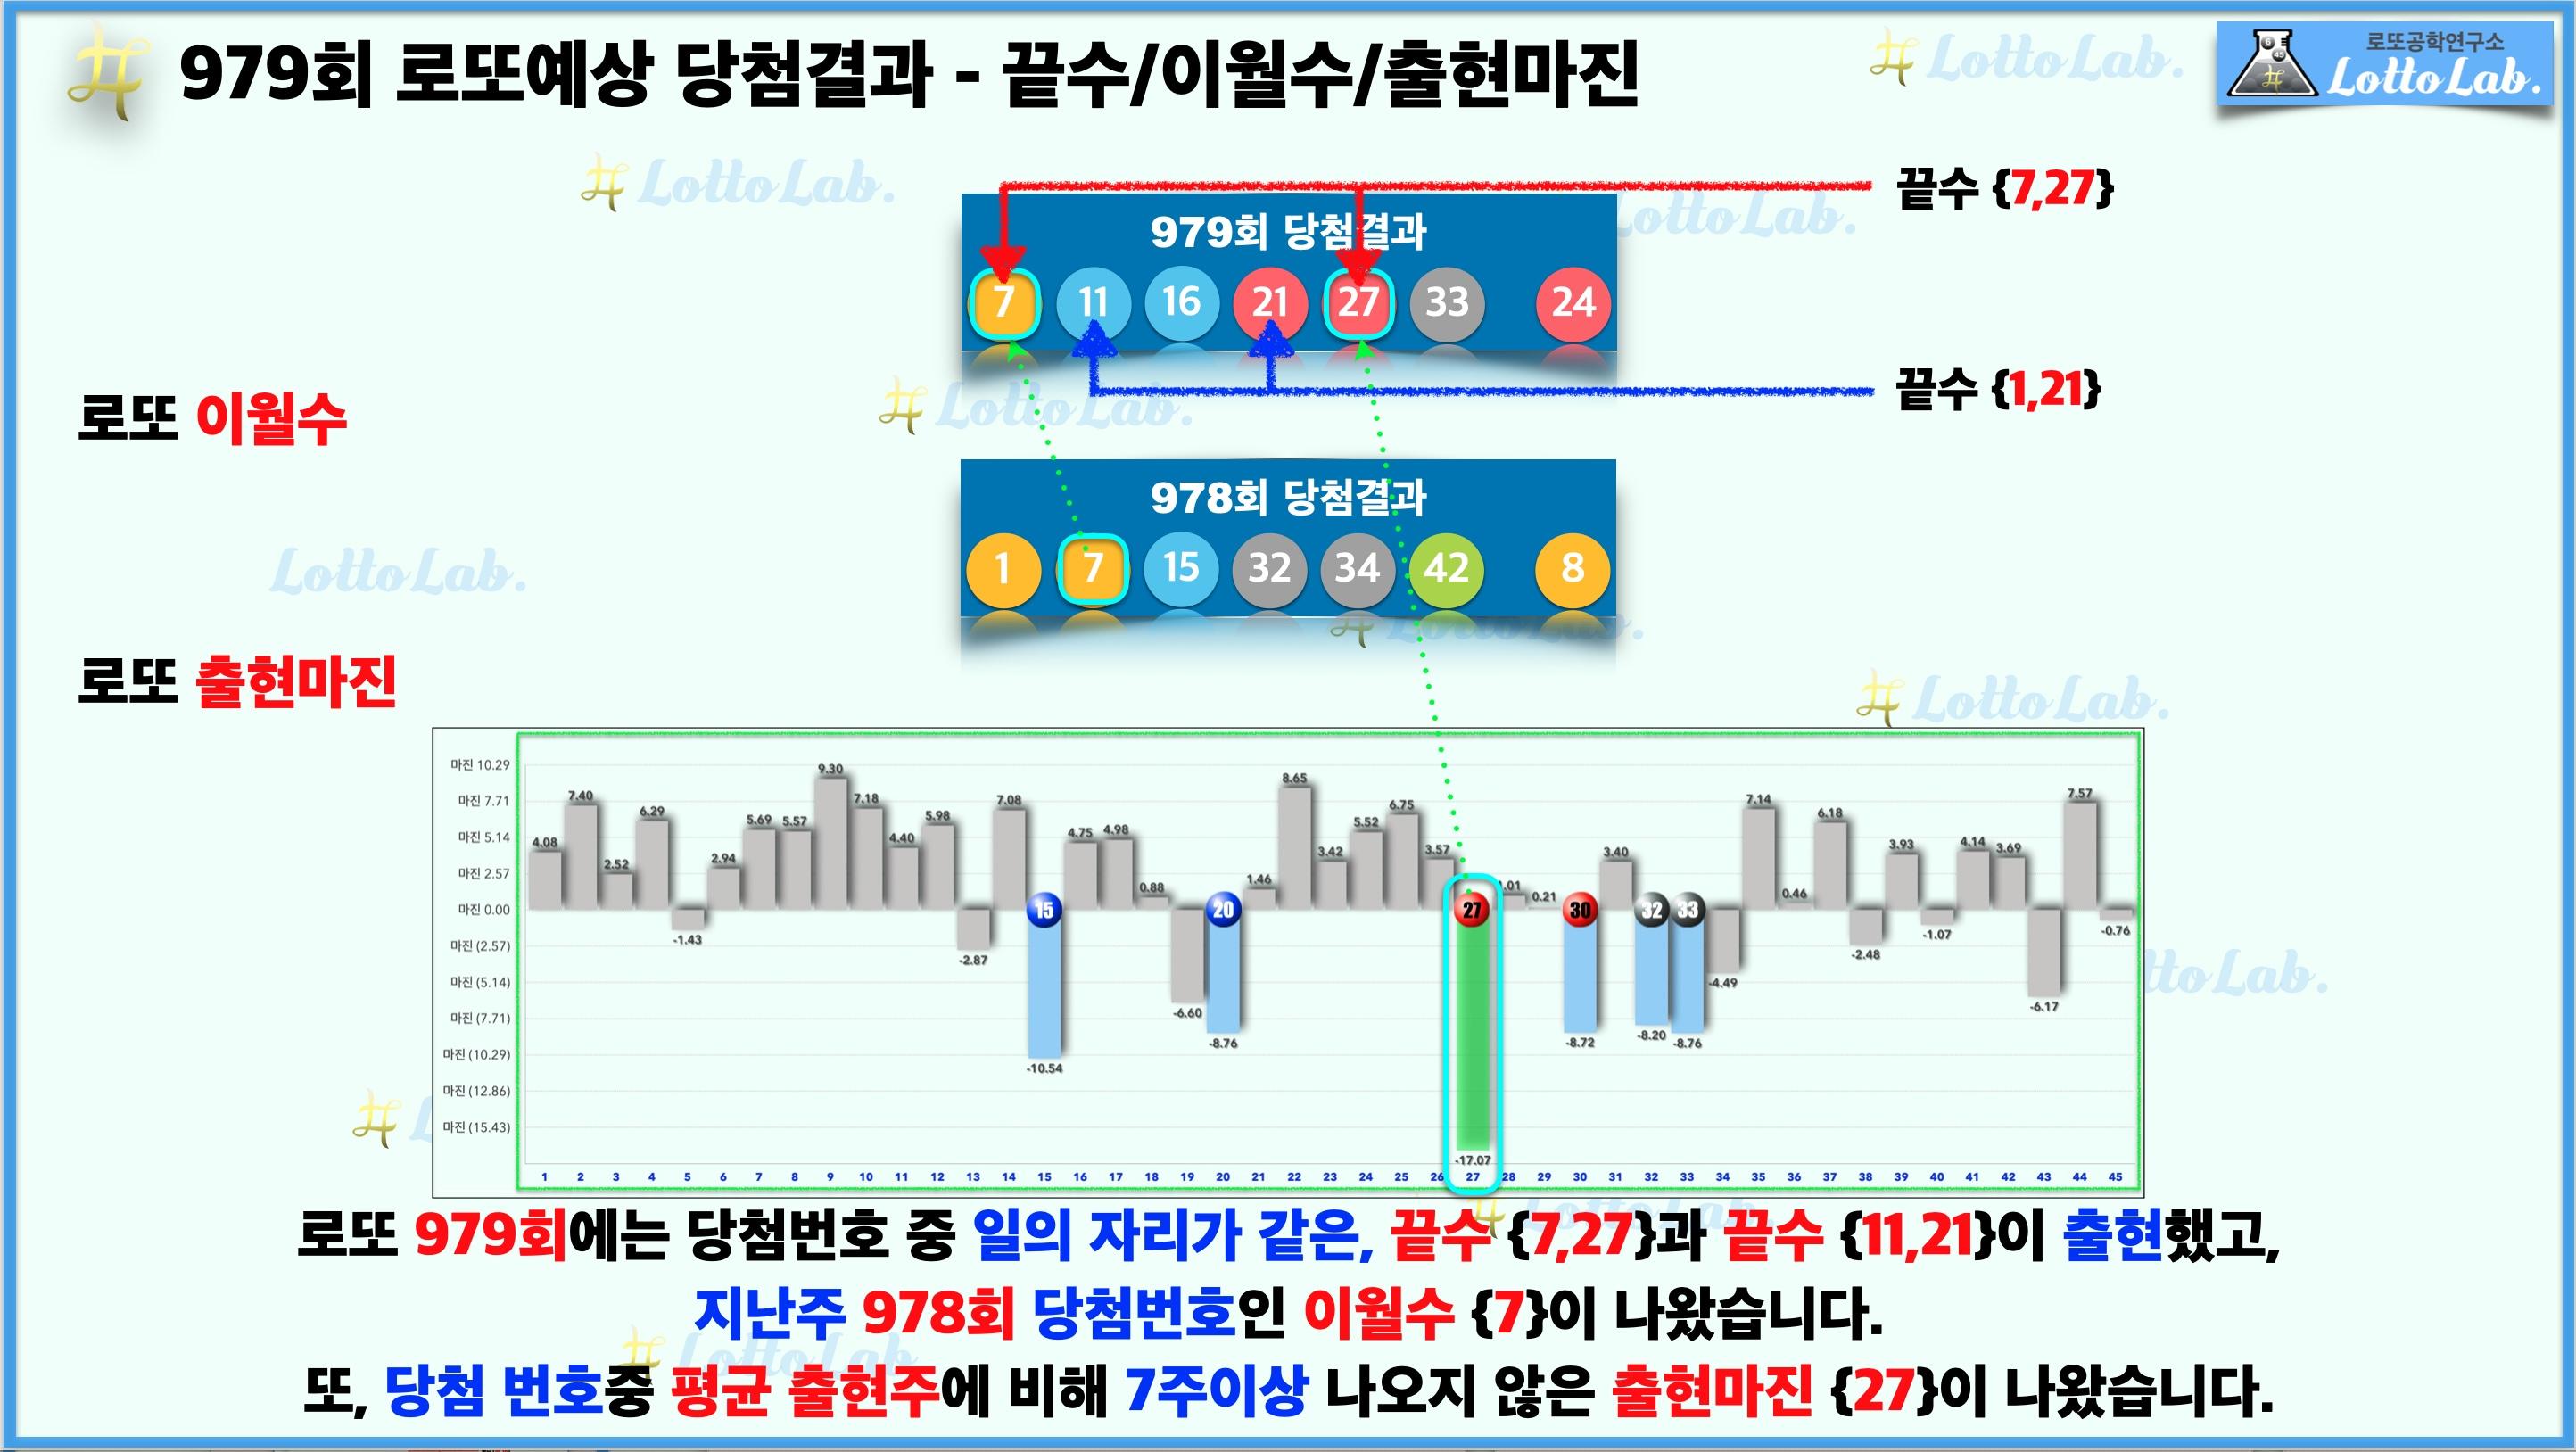 로또랩 로또979 예상결과 - 끝수 이월수 출현마진